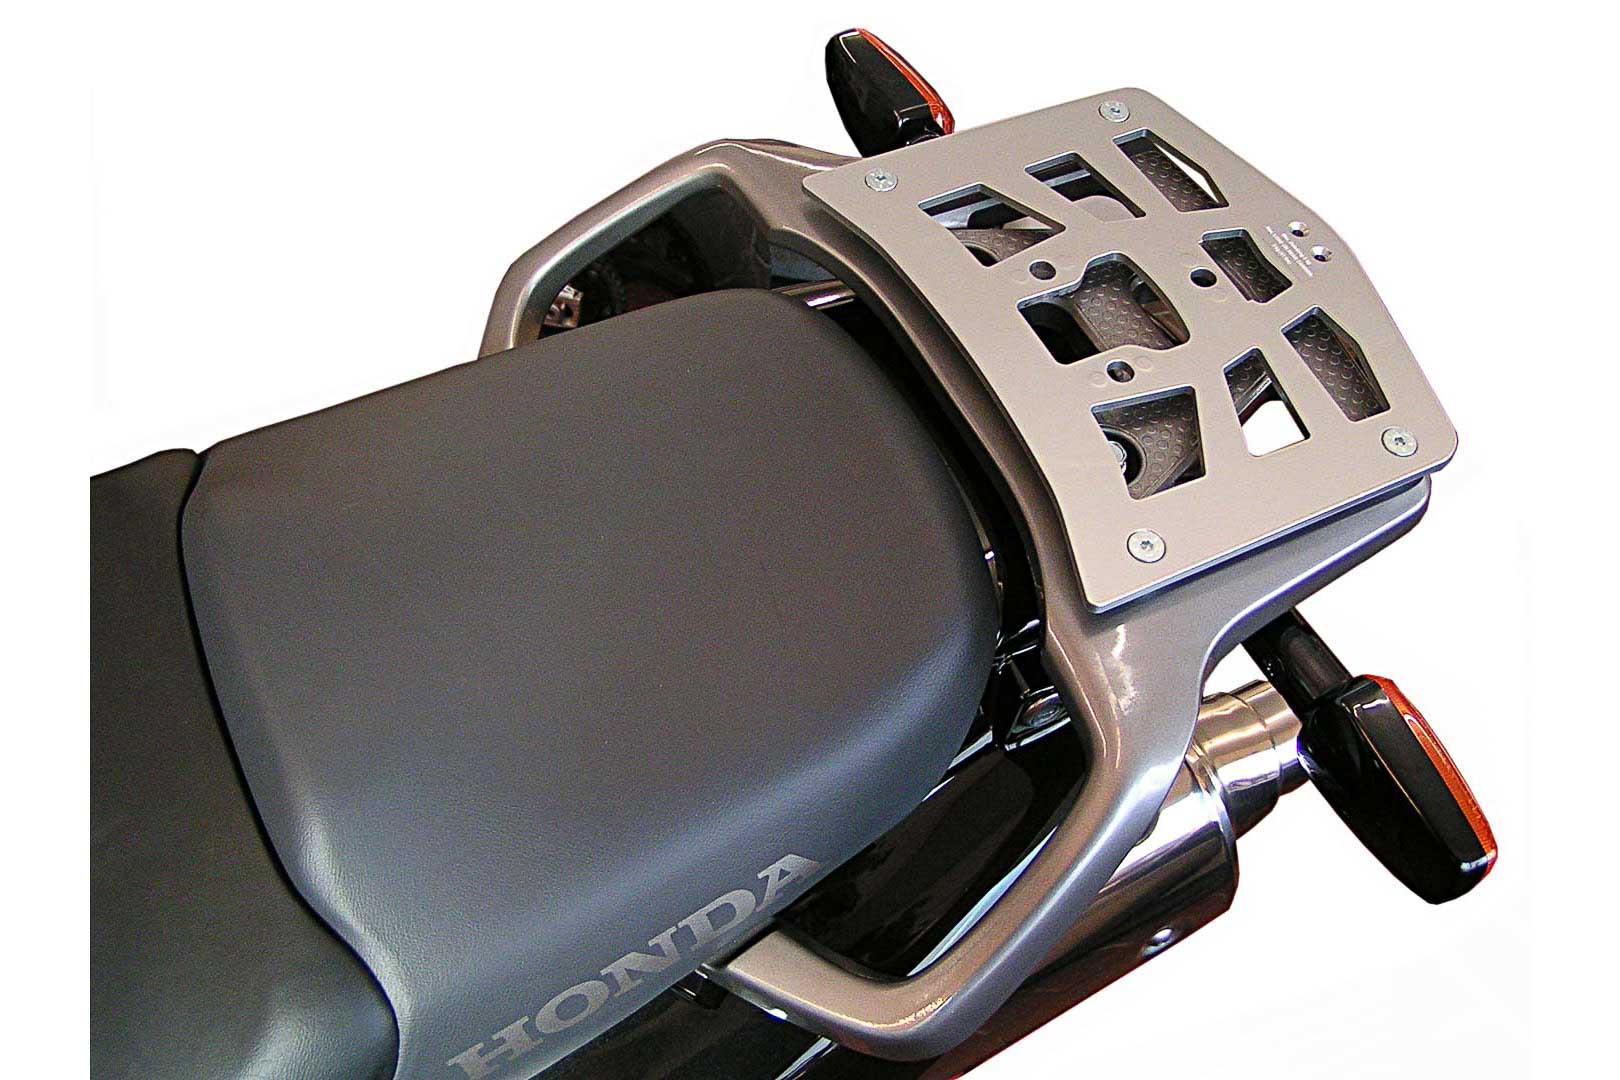 SW-Motech Alu-Rack peräteline Honda XL125/XL650 Transalp/XL1000V Varadero 01-06